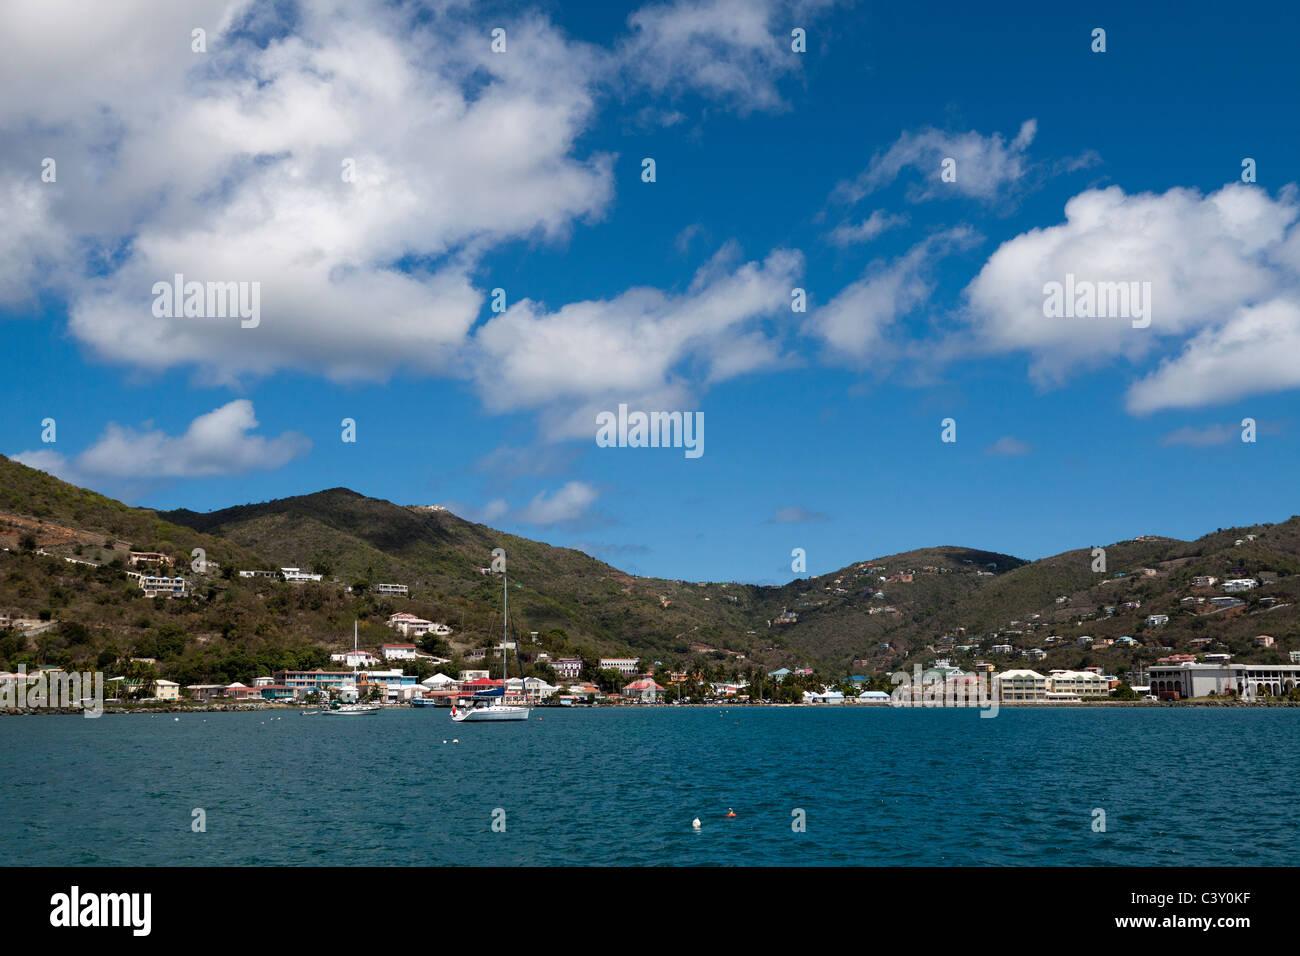 Vue depuis le port de la route de ville côtière de Road Town, capitale de Îles Vierges britanniques à Tortola Banque D'Images